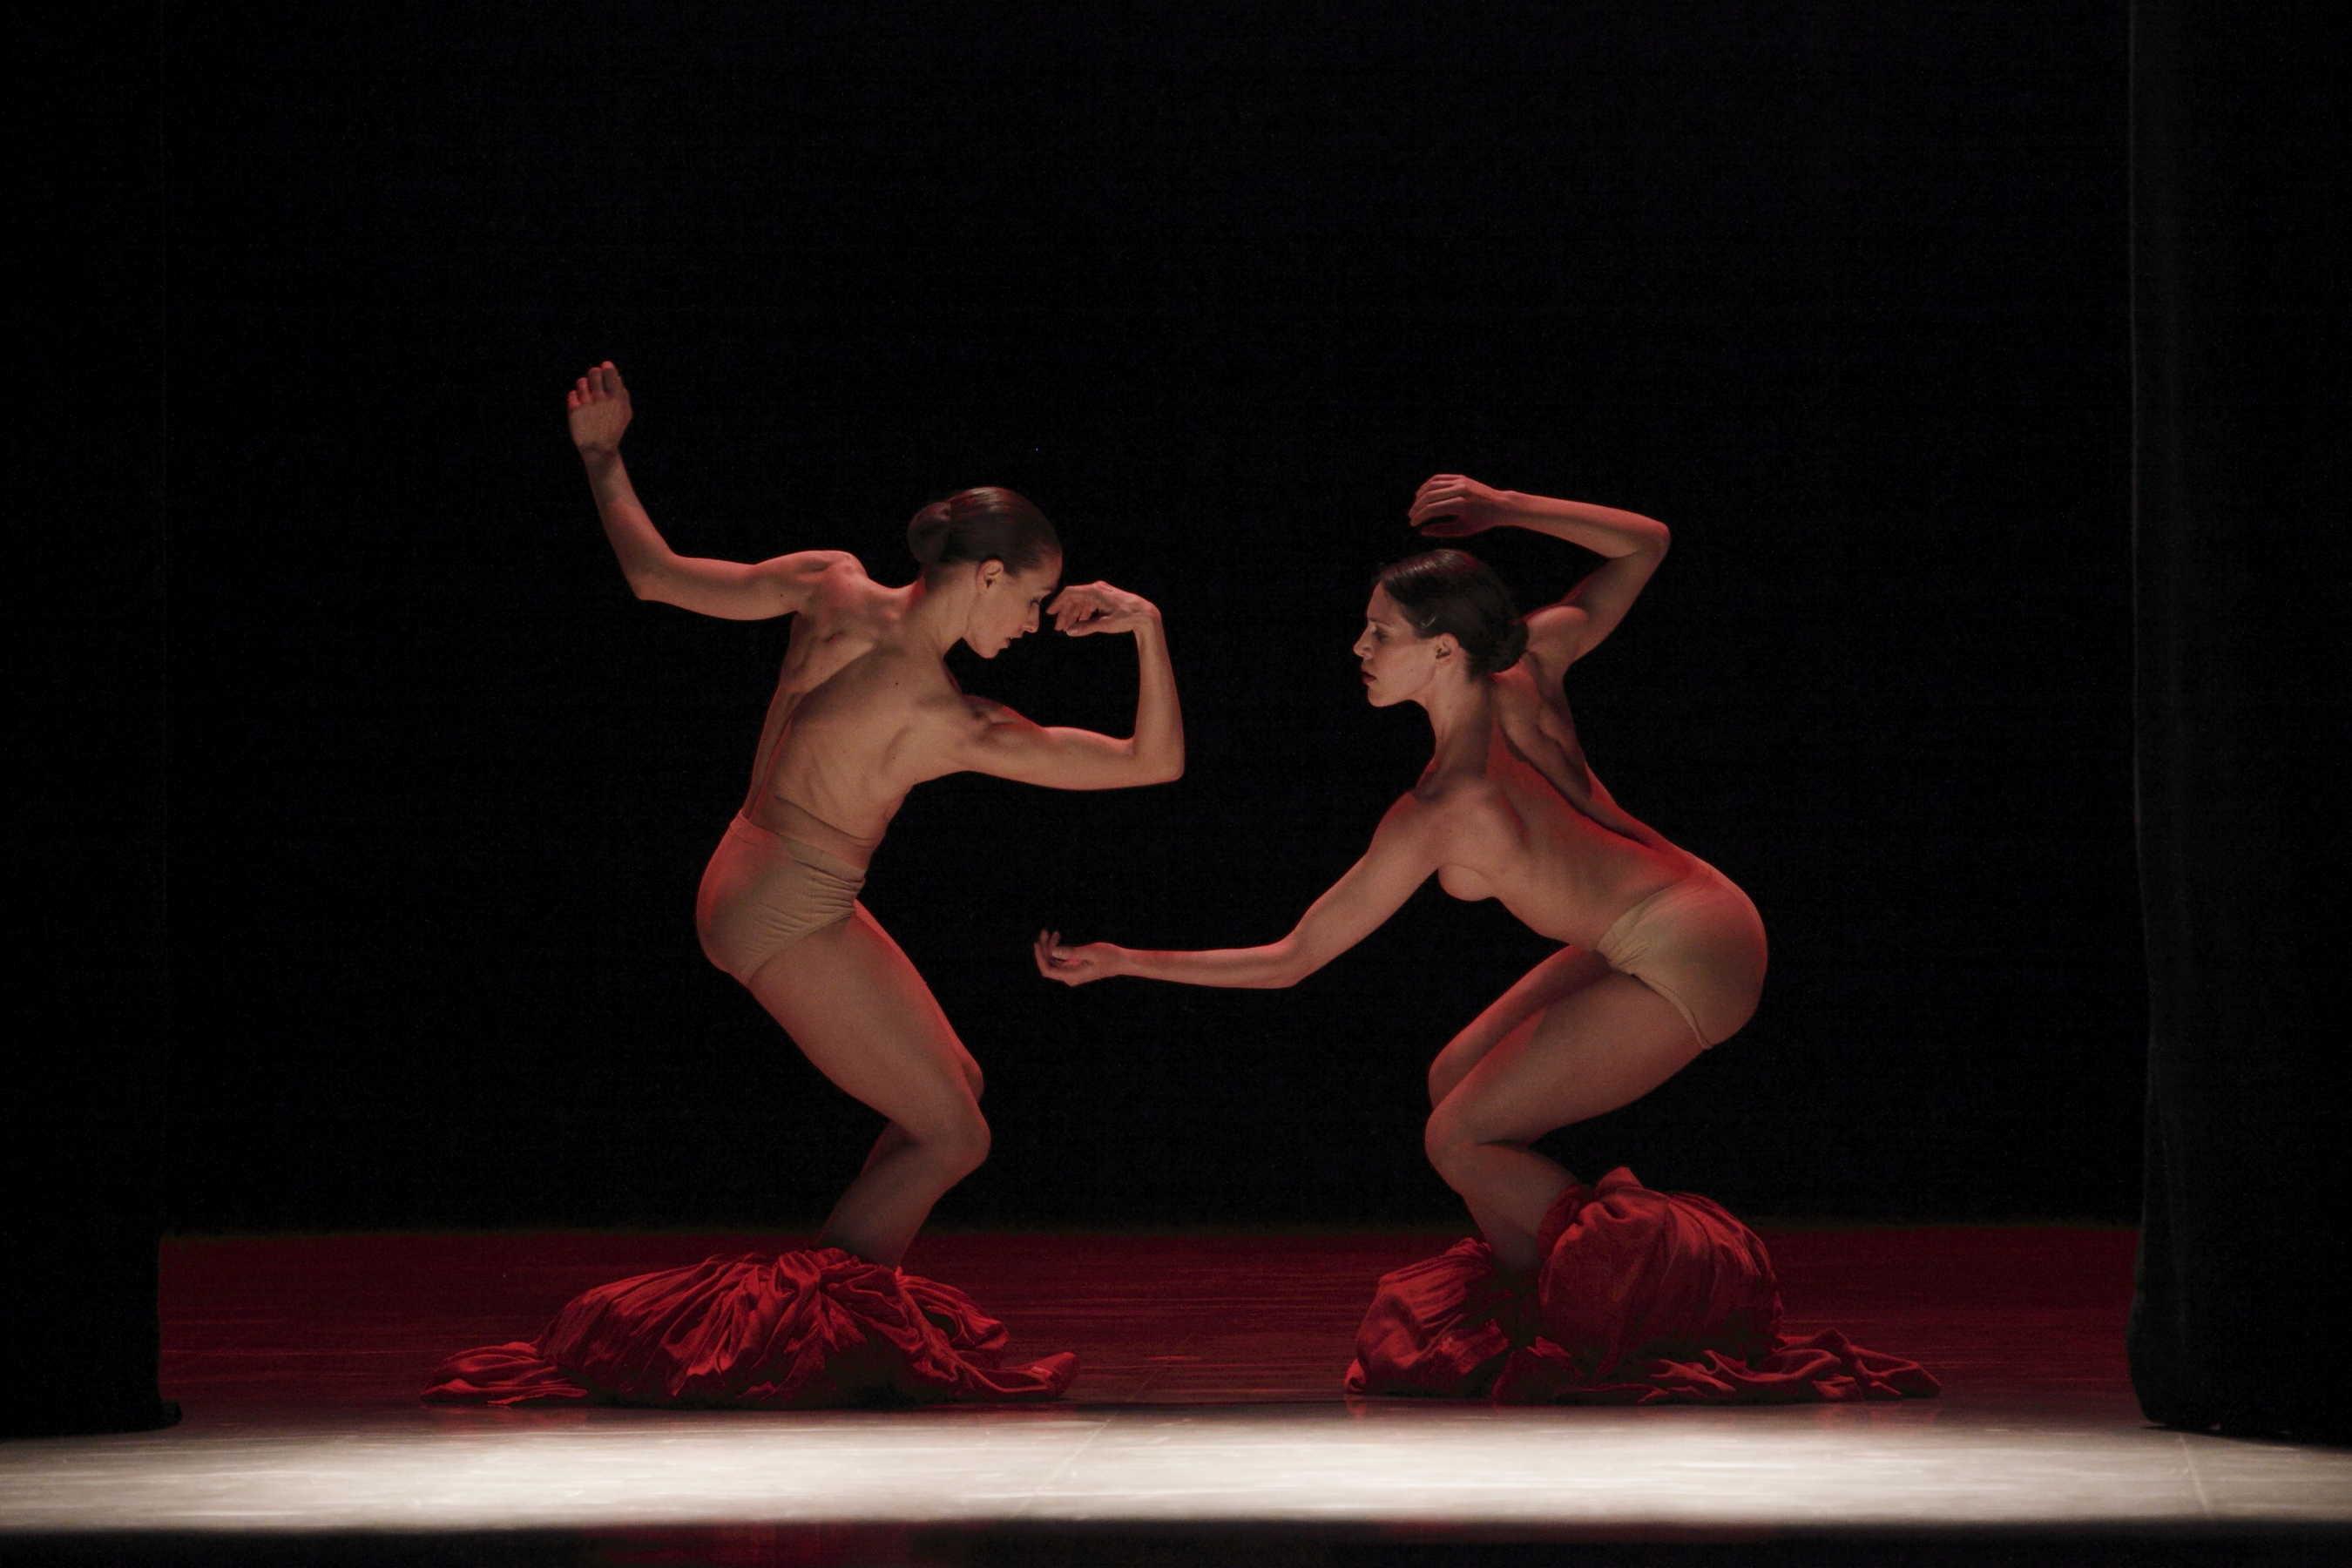 рустам был японский голый балет смотреть онлайн неё